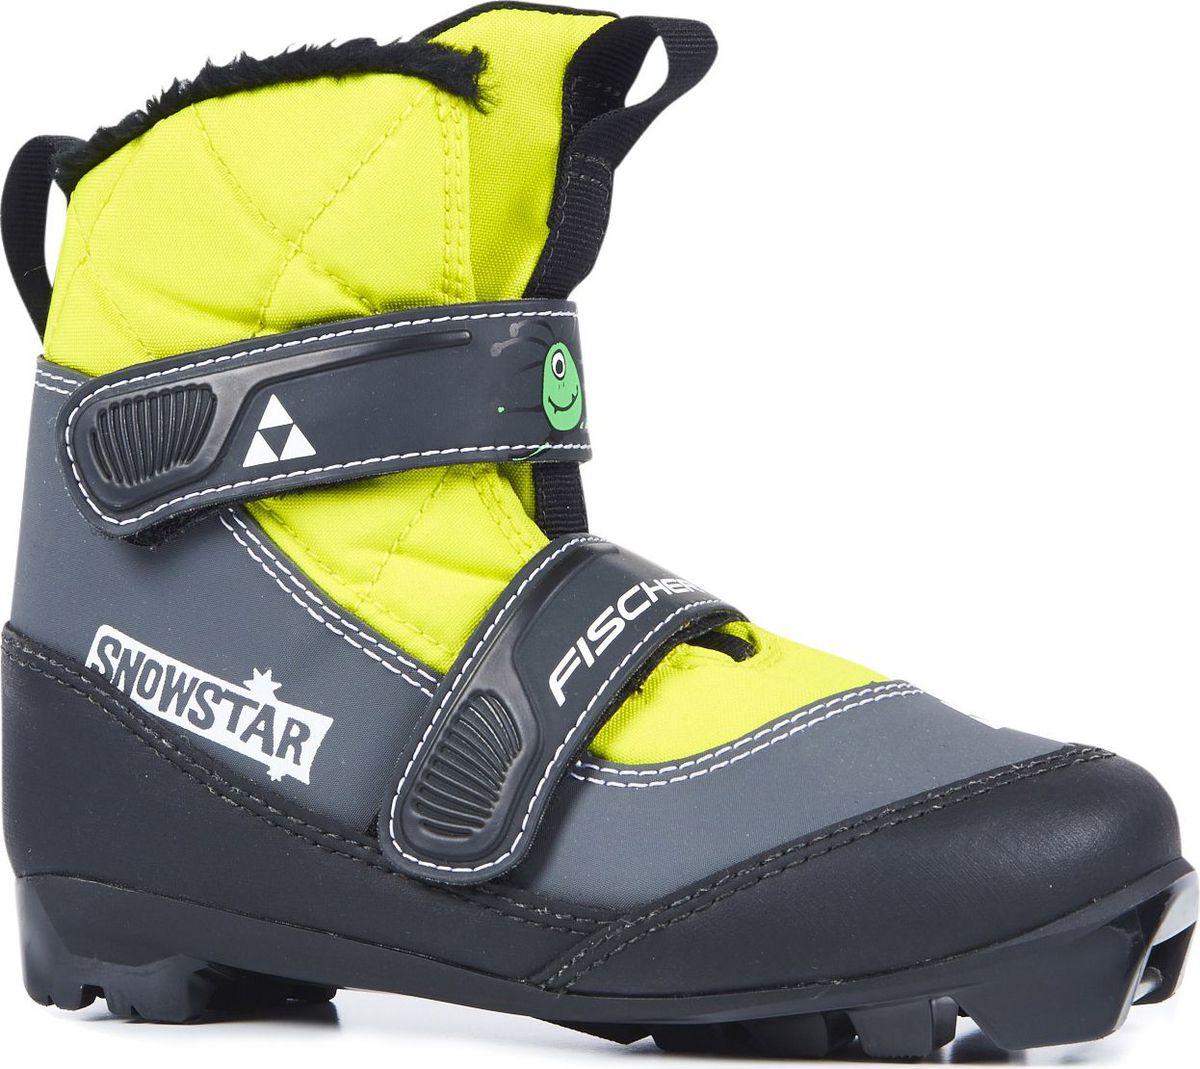 Лыжные ботинки детские Fischer Snowstar, цвет: желтый. Размер 27S41017Модель для самых маленьких лыжников. Комфортная мягкая подошва, водоотталкивающий утеплитель Comfort Guard дополнительно защищает от холода и влаги, удобная застежка – липучка облегчает надевание. В ботинках удобно не только кататься, но и гулять, играть.ПРЕИМУЩЕСТВА ДЛЯ ПОТРЕБИТЕЛЕЙ• Удобно надевать и снимать• Очень теплые• Подходят для катания и игр на снегу